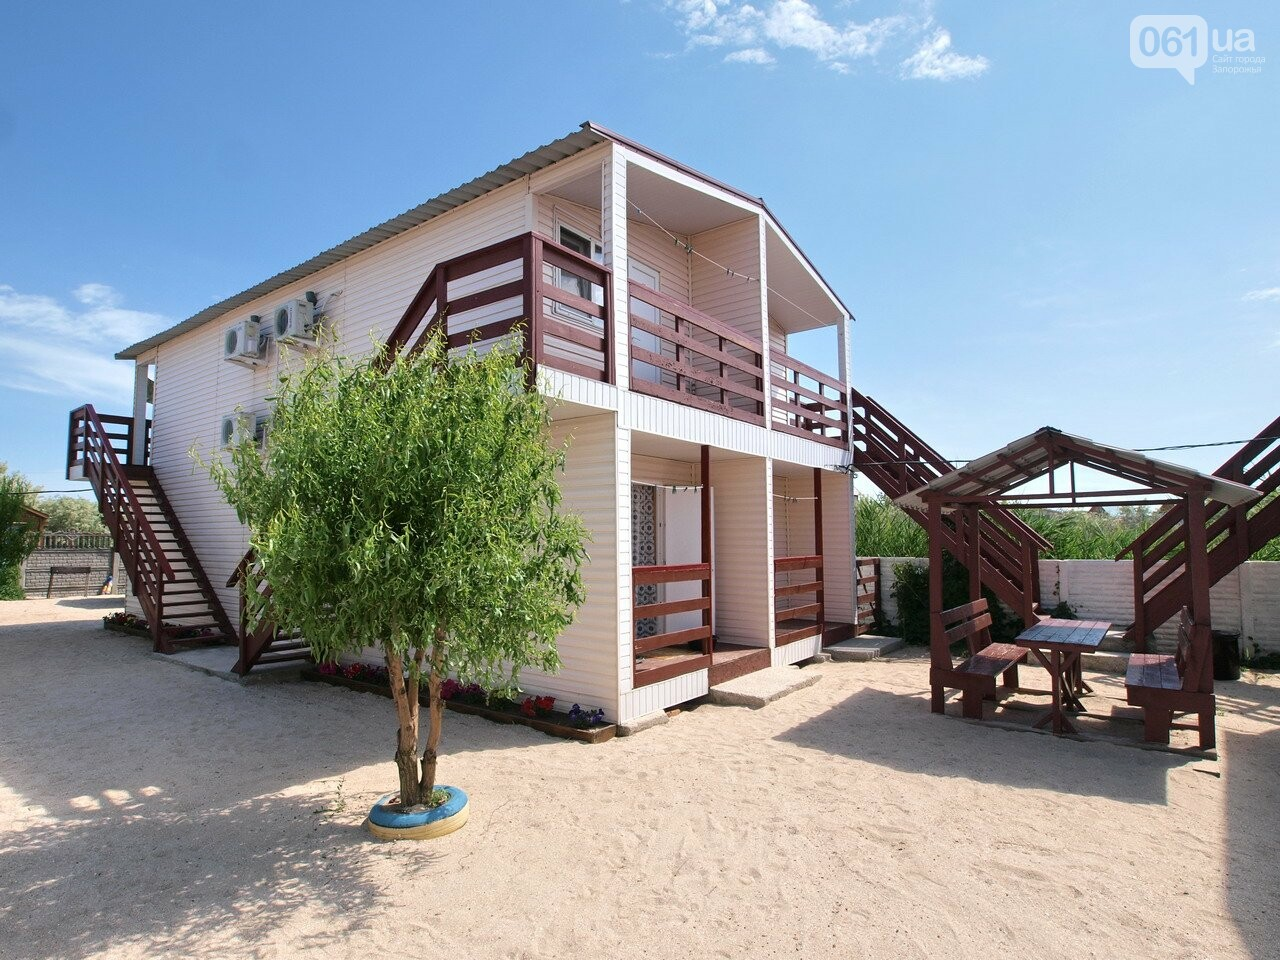 Где отдохнуть на море этим летом: обзор жилья и цен на украинских курортах , фото-48